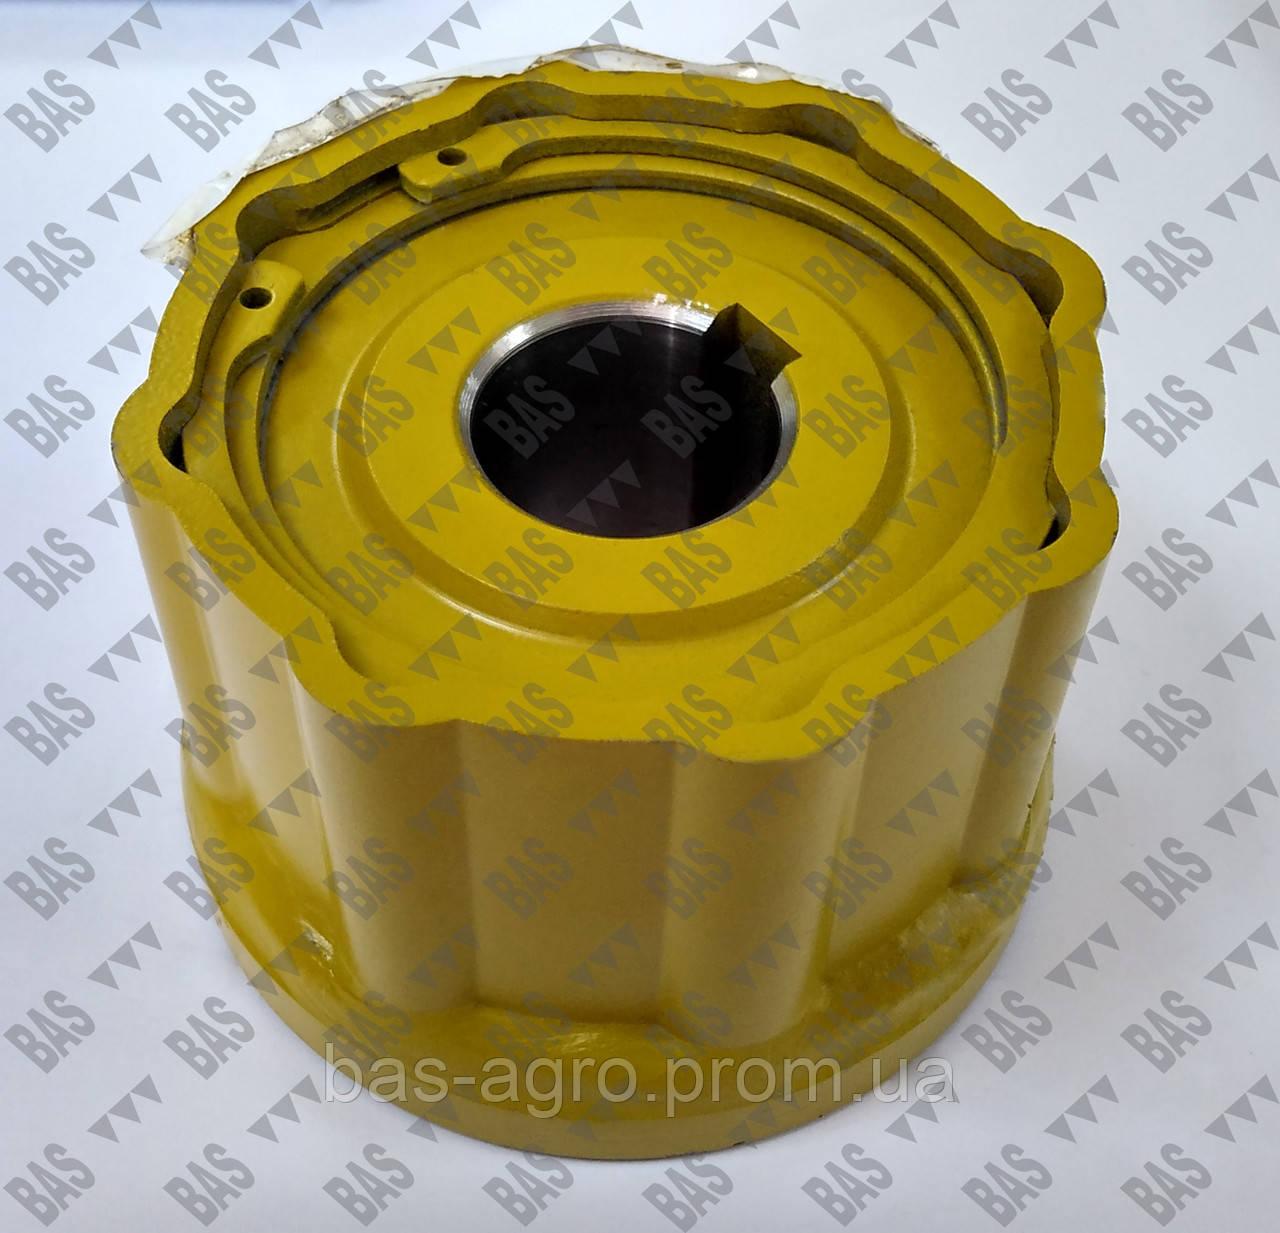 Муфта предохранительная Olimac DR7140 оригинал